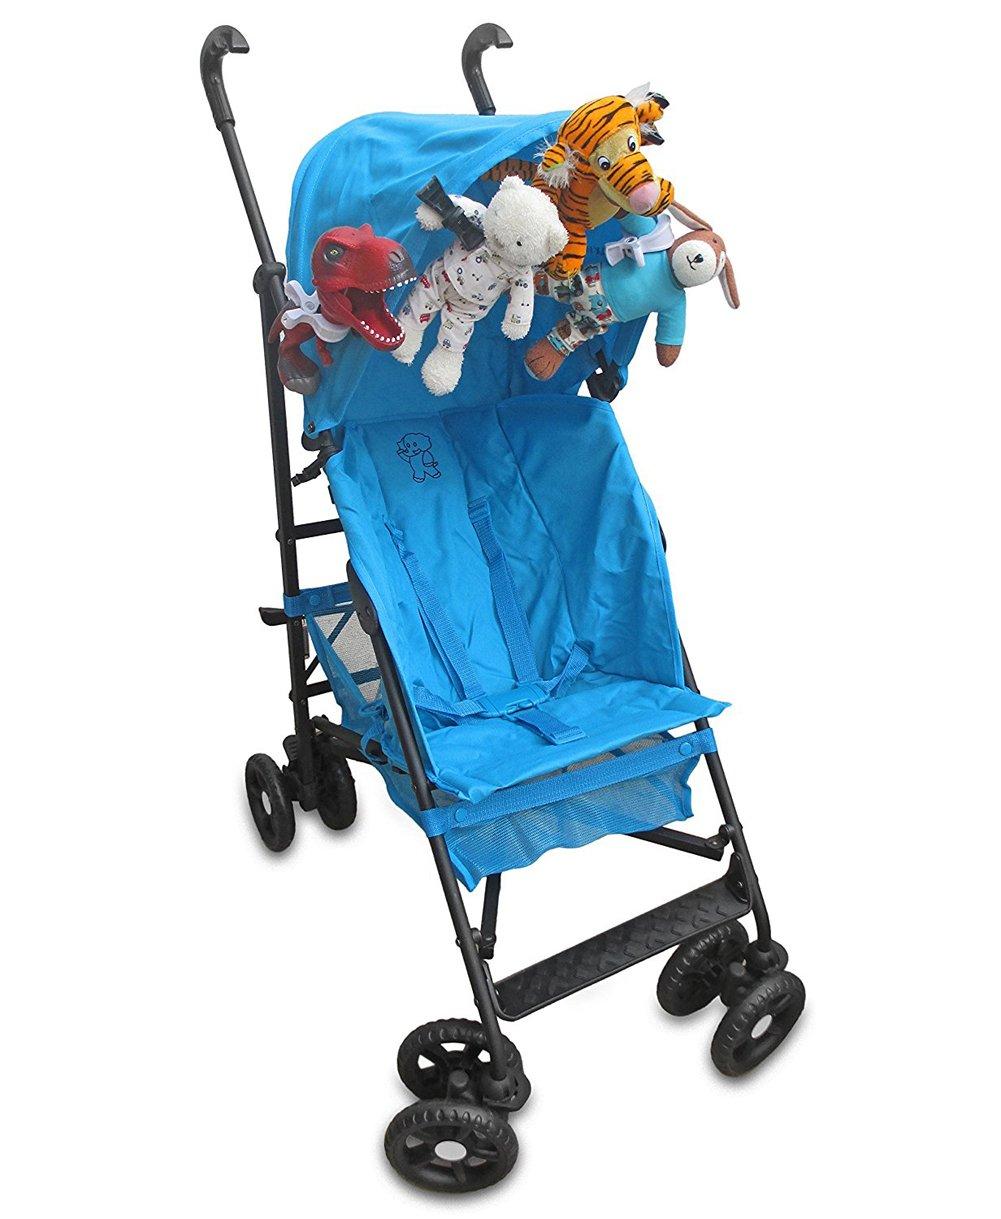 para colgar el toldo o el cochecito de beb/é Juego de 4 pinzas para cochecito de beb/é con gancho de Jiamins azul azul Talla:2.87 x 2.01